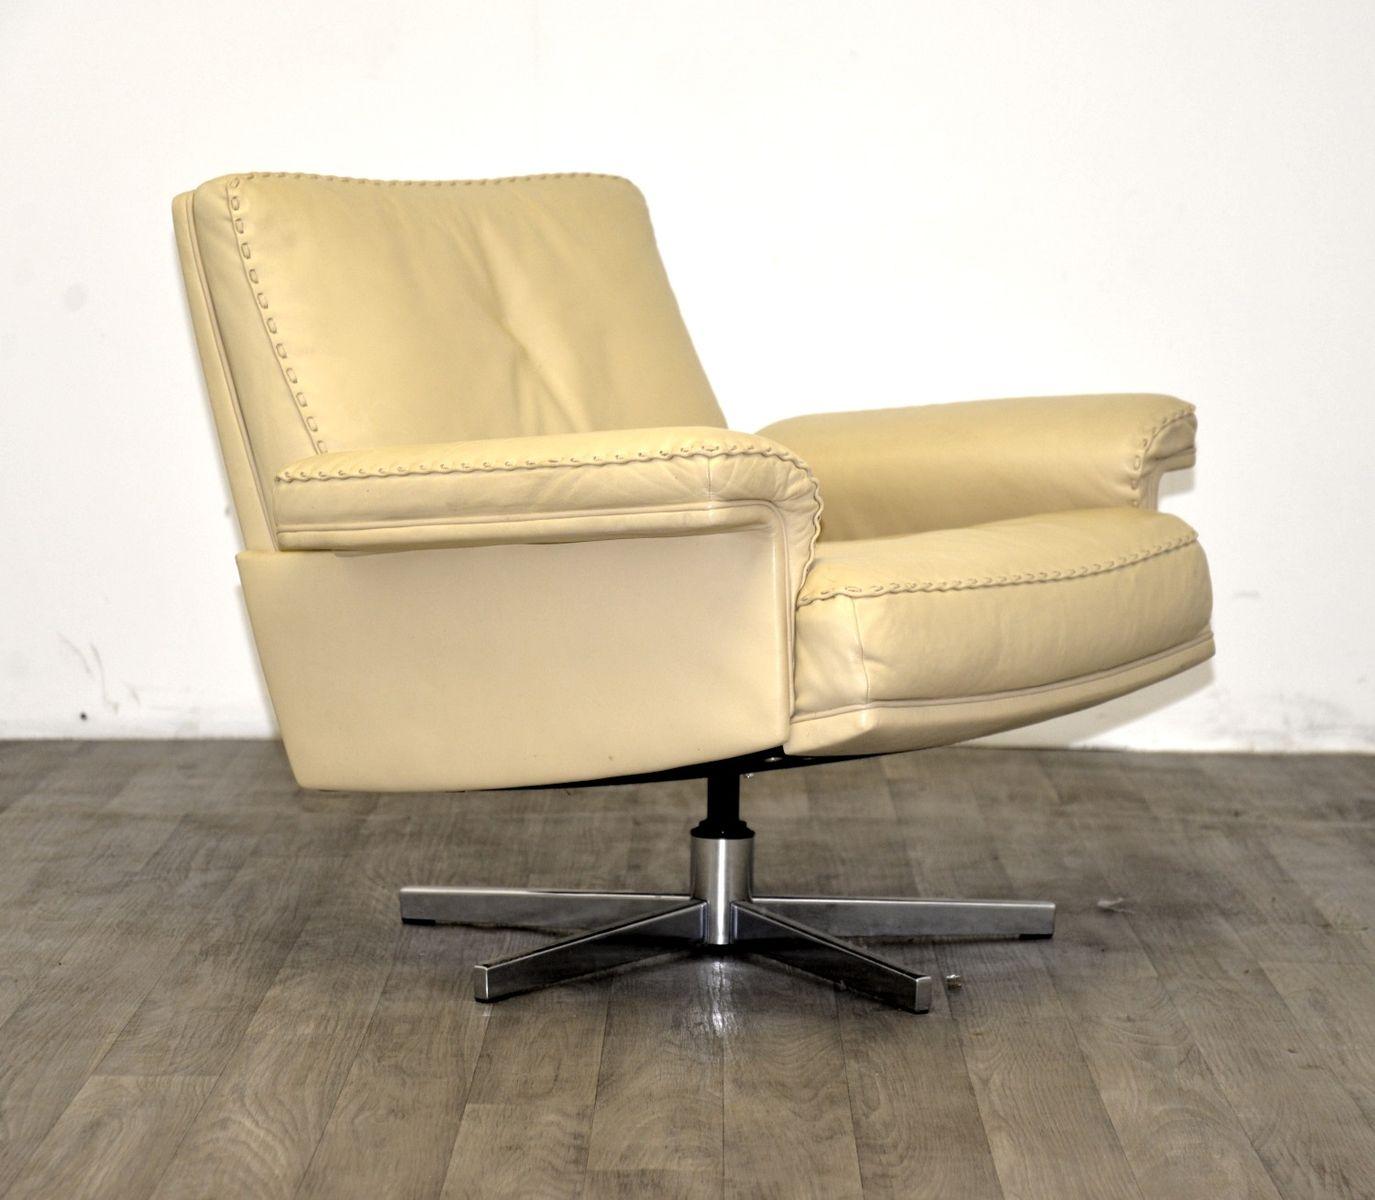 Vintage Ds 35 2 Sitzer Sofa Und Sessel Von De Sede 1970er Bei Pamono Kaufen